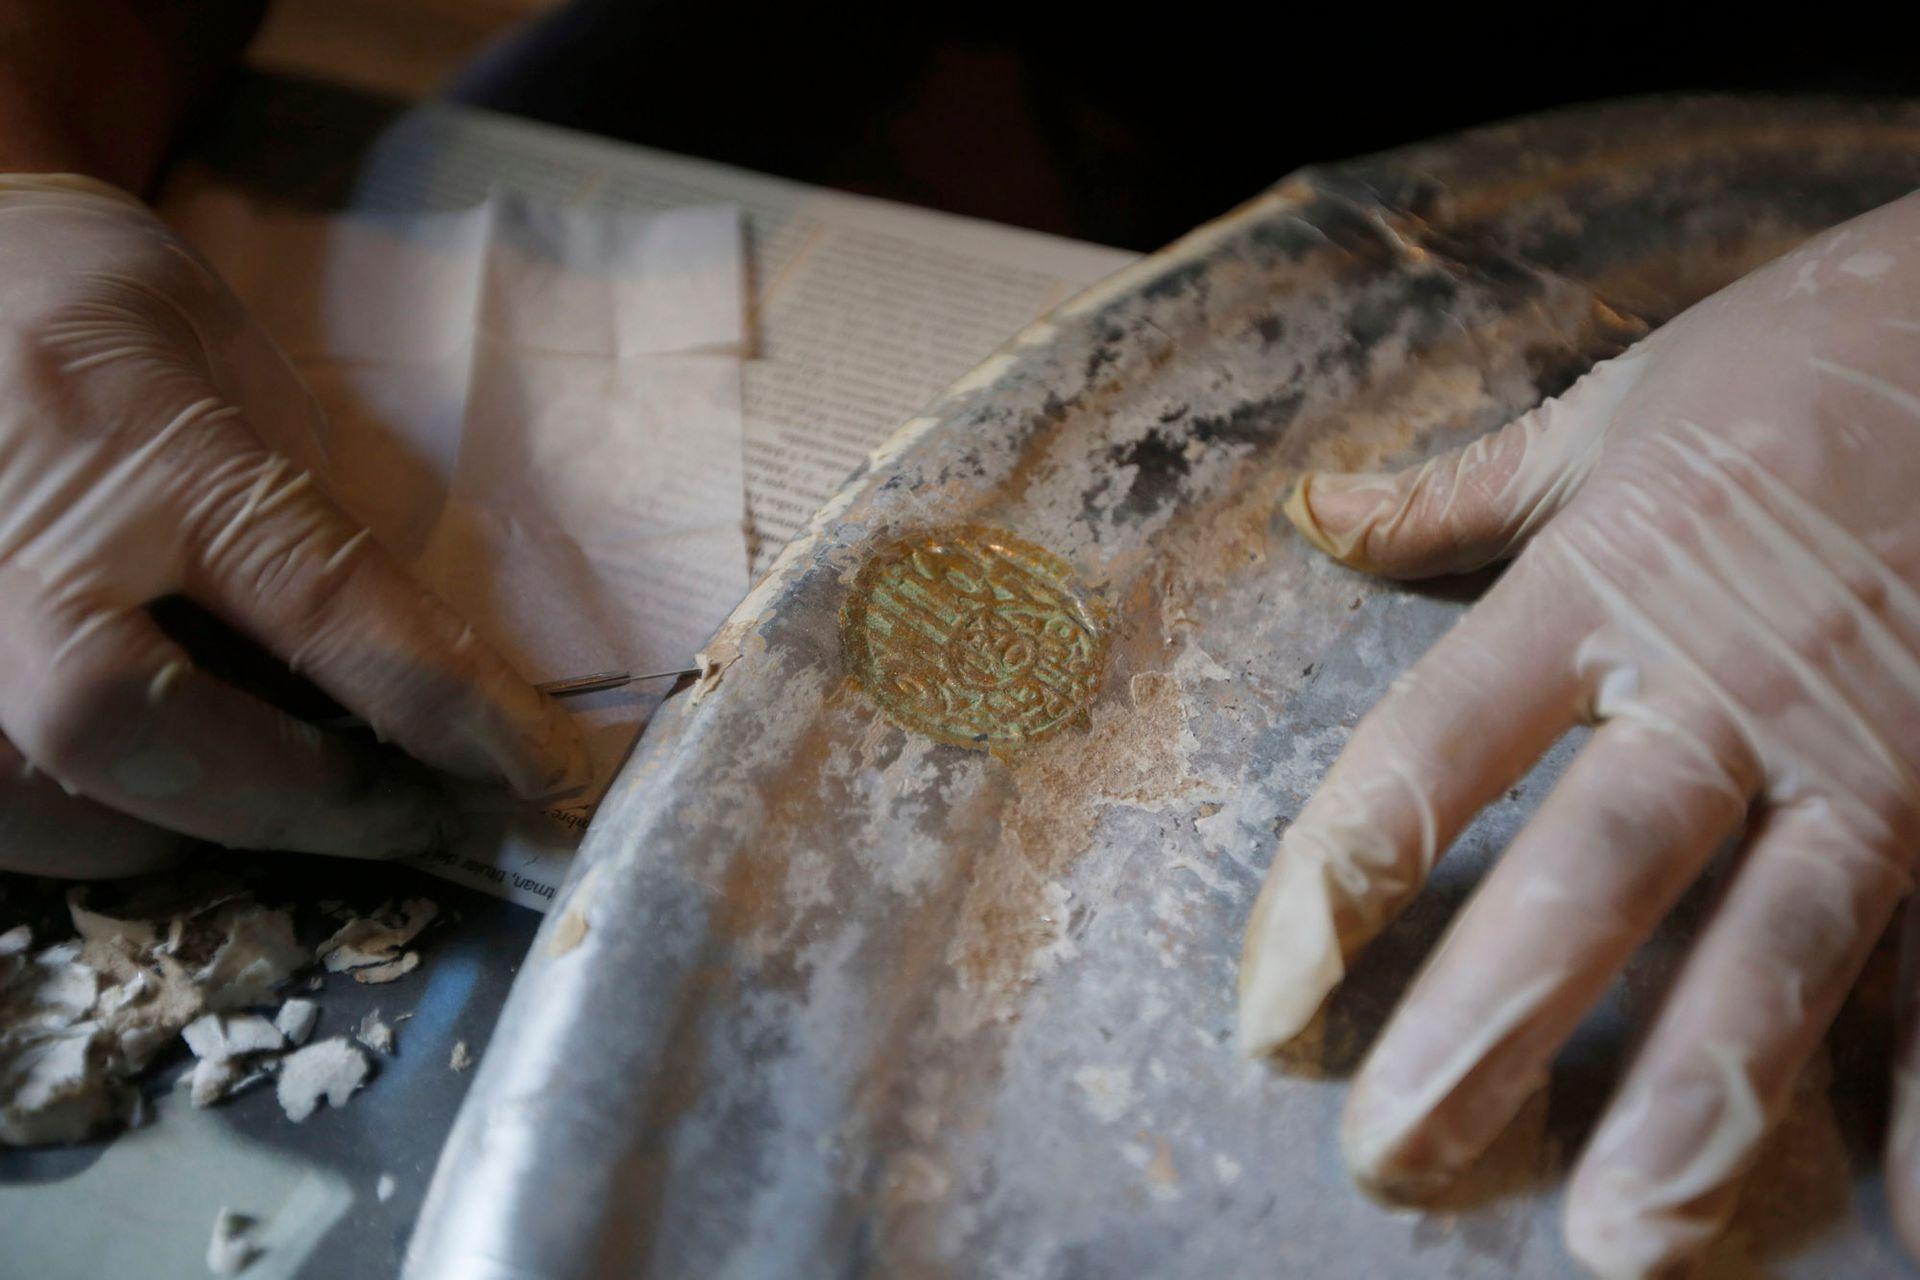 La minuciosa reparación de las piezas